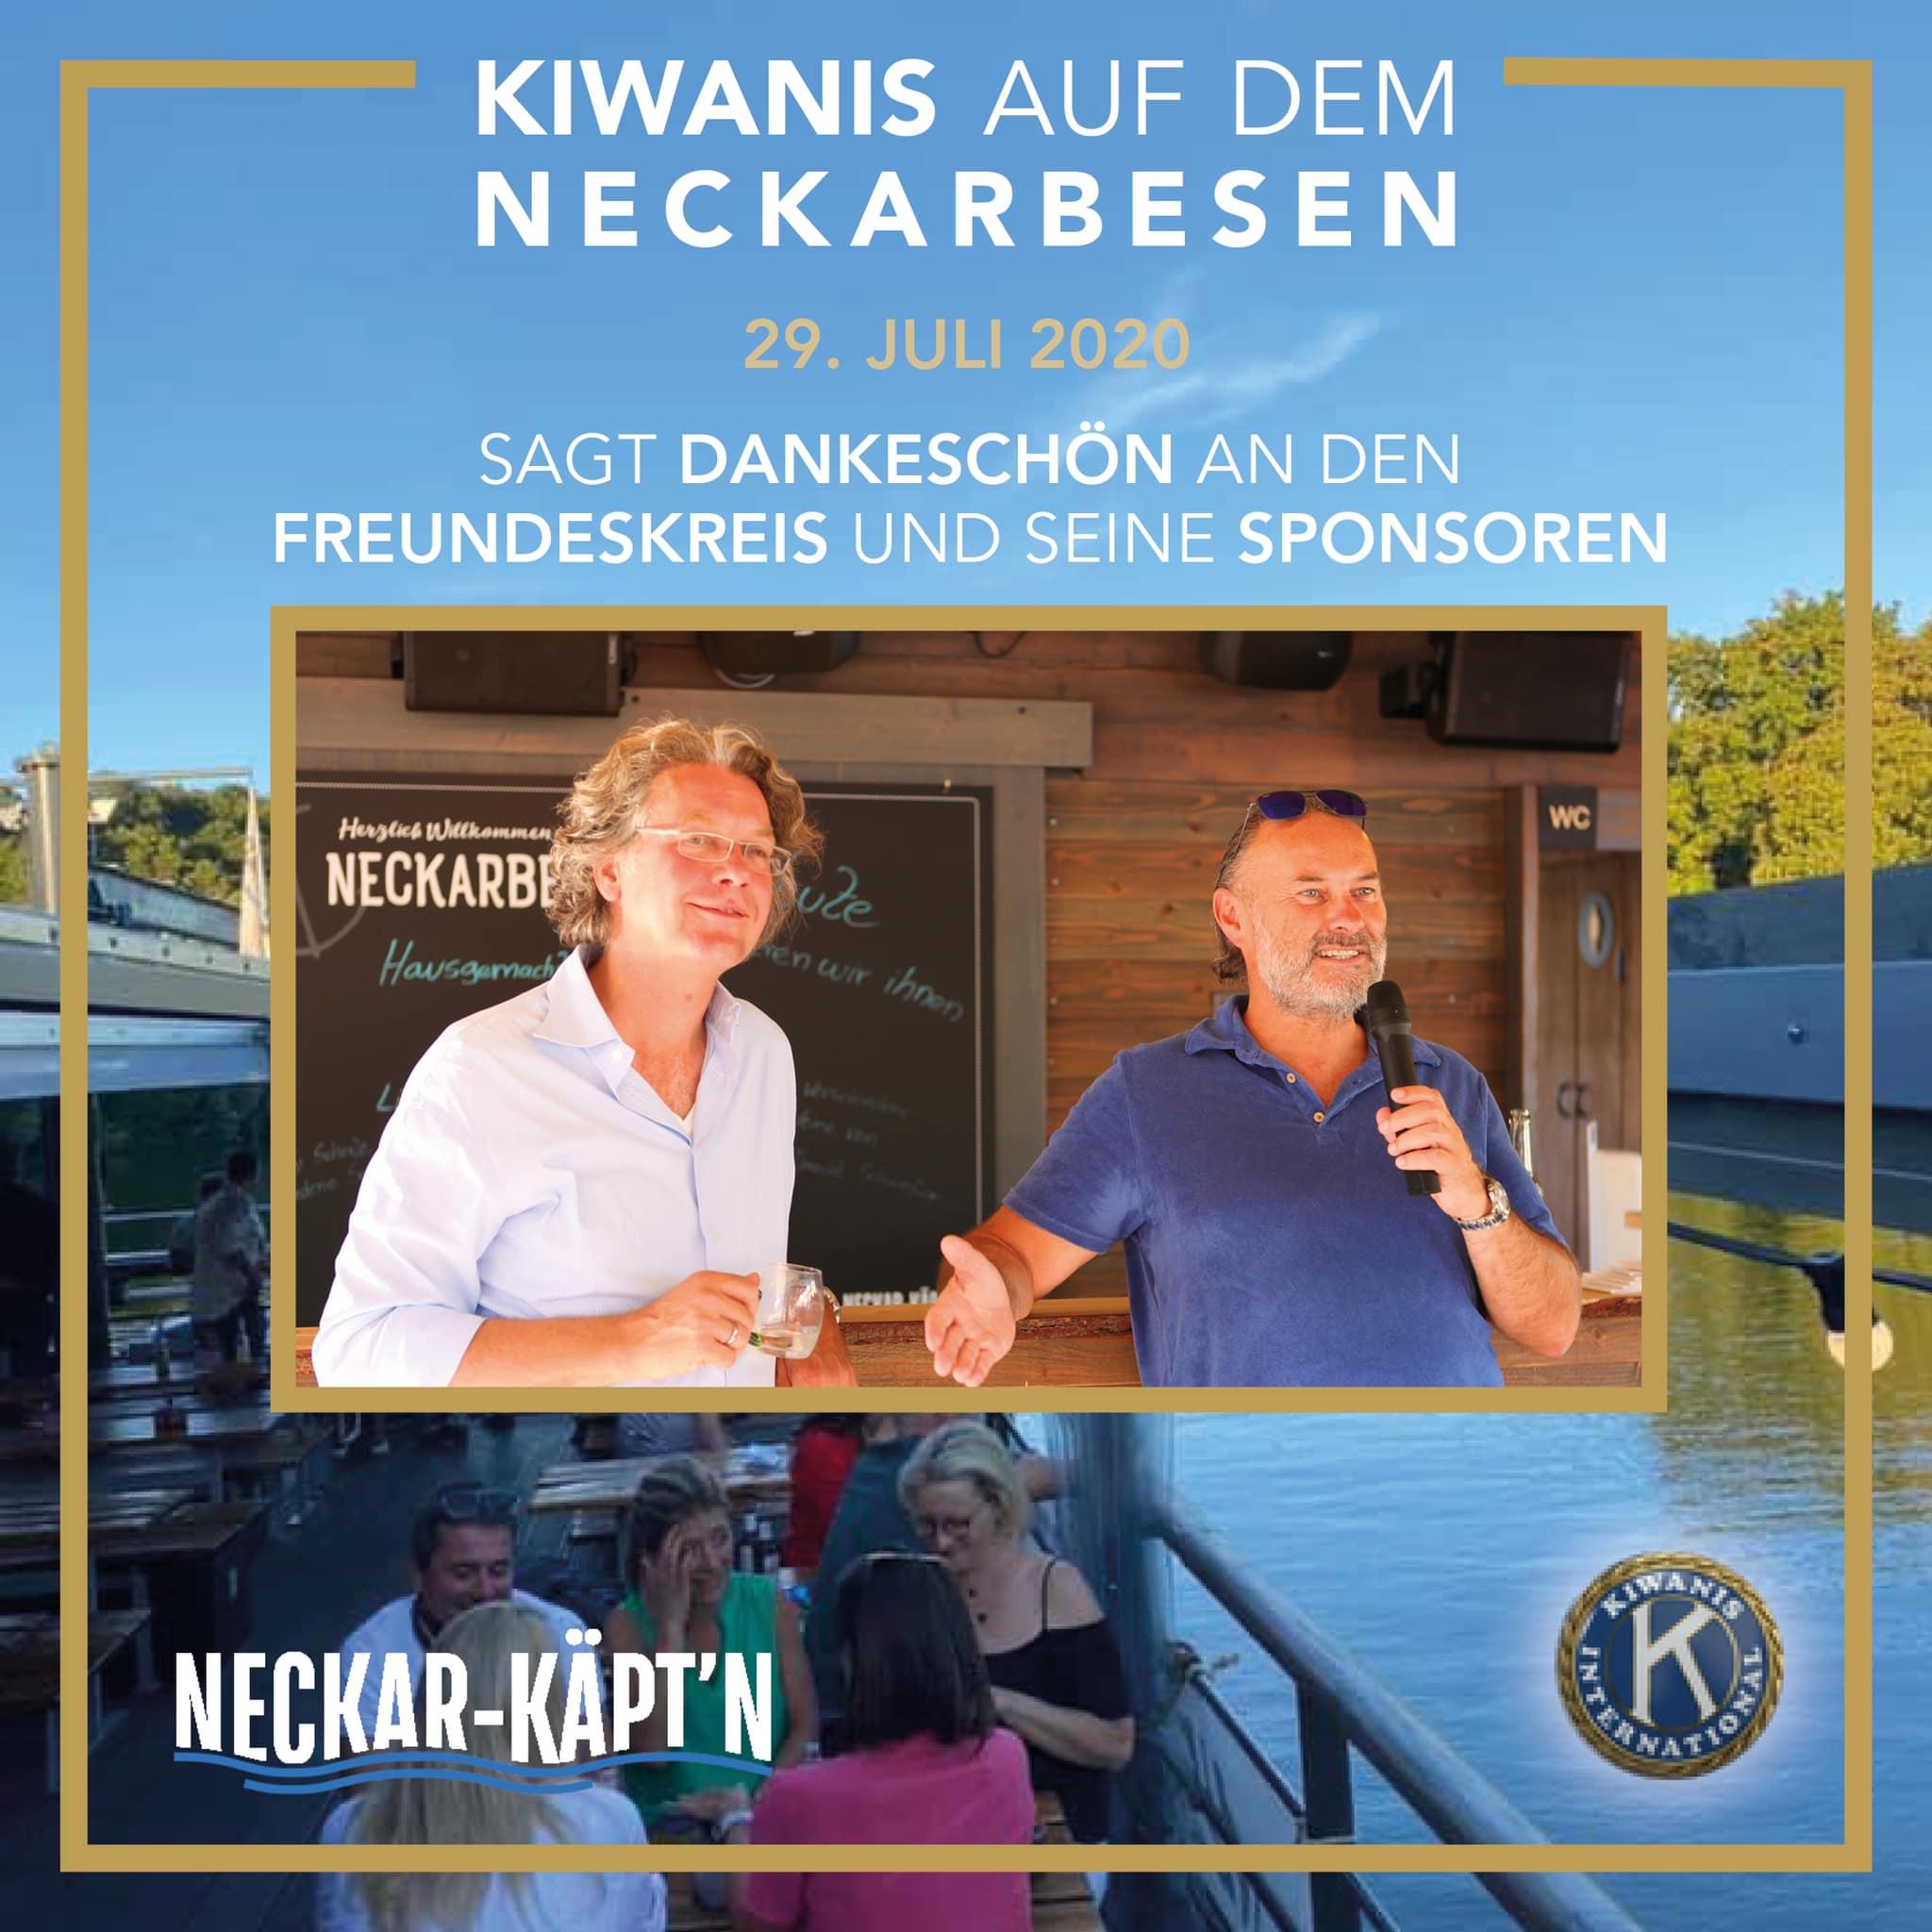 DER KIWANIS-CLUB-STUTTGART trifft endlich wieder seinen Freundeskreis! 